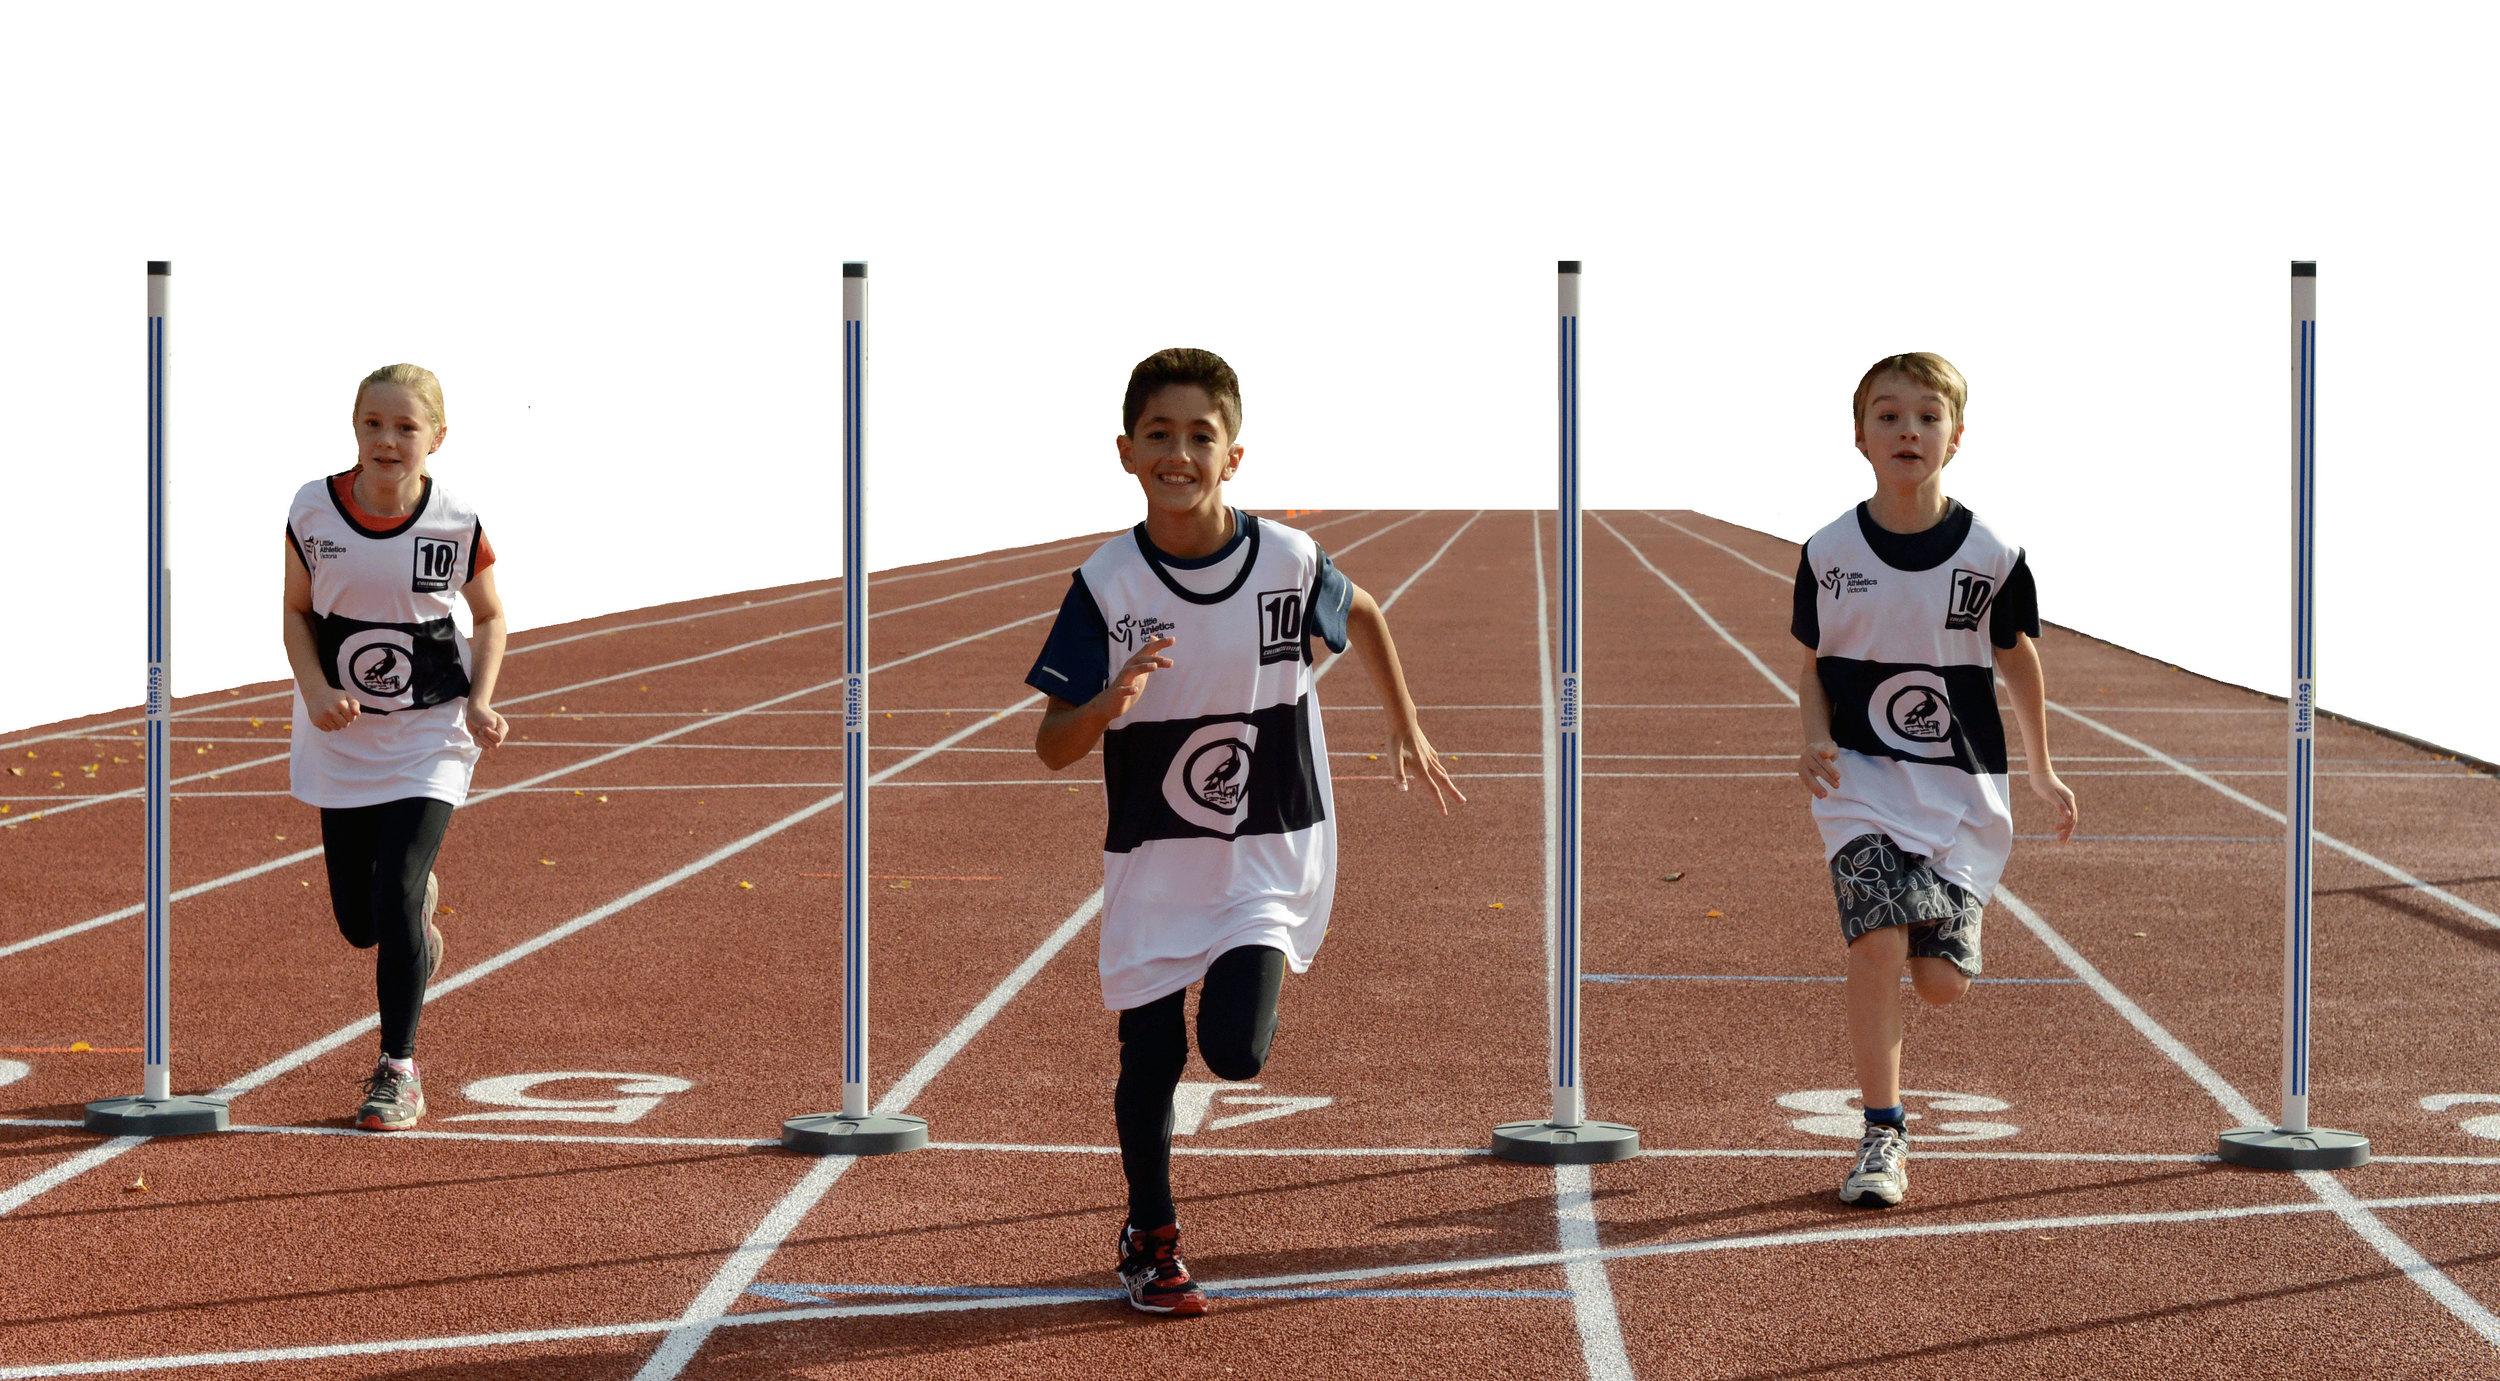 kidsrunning_gates.jpg